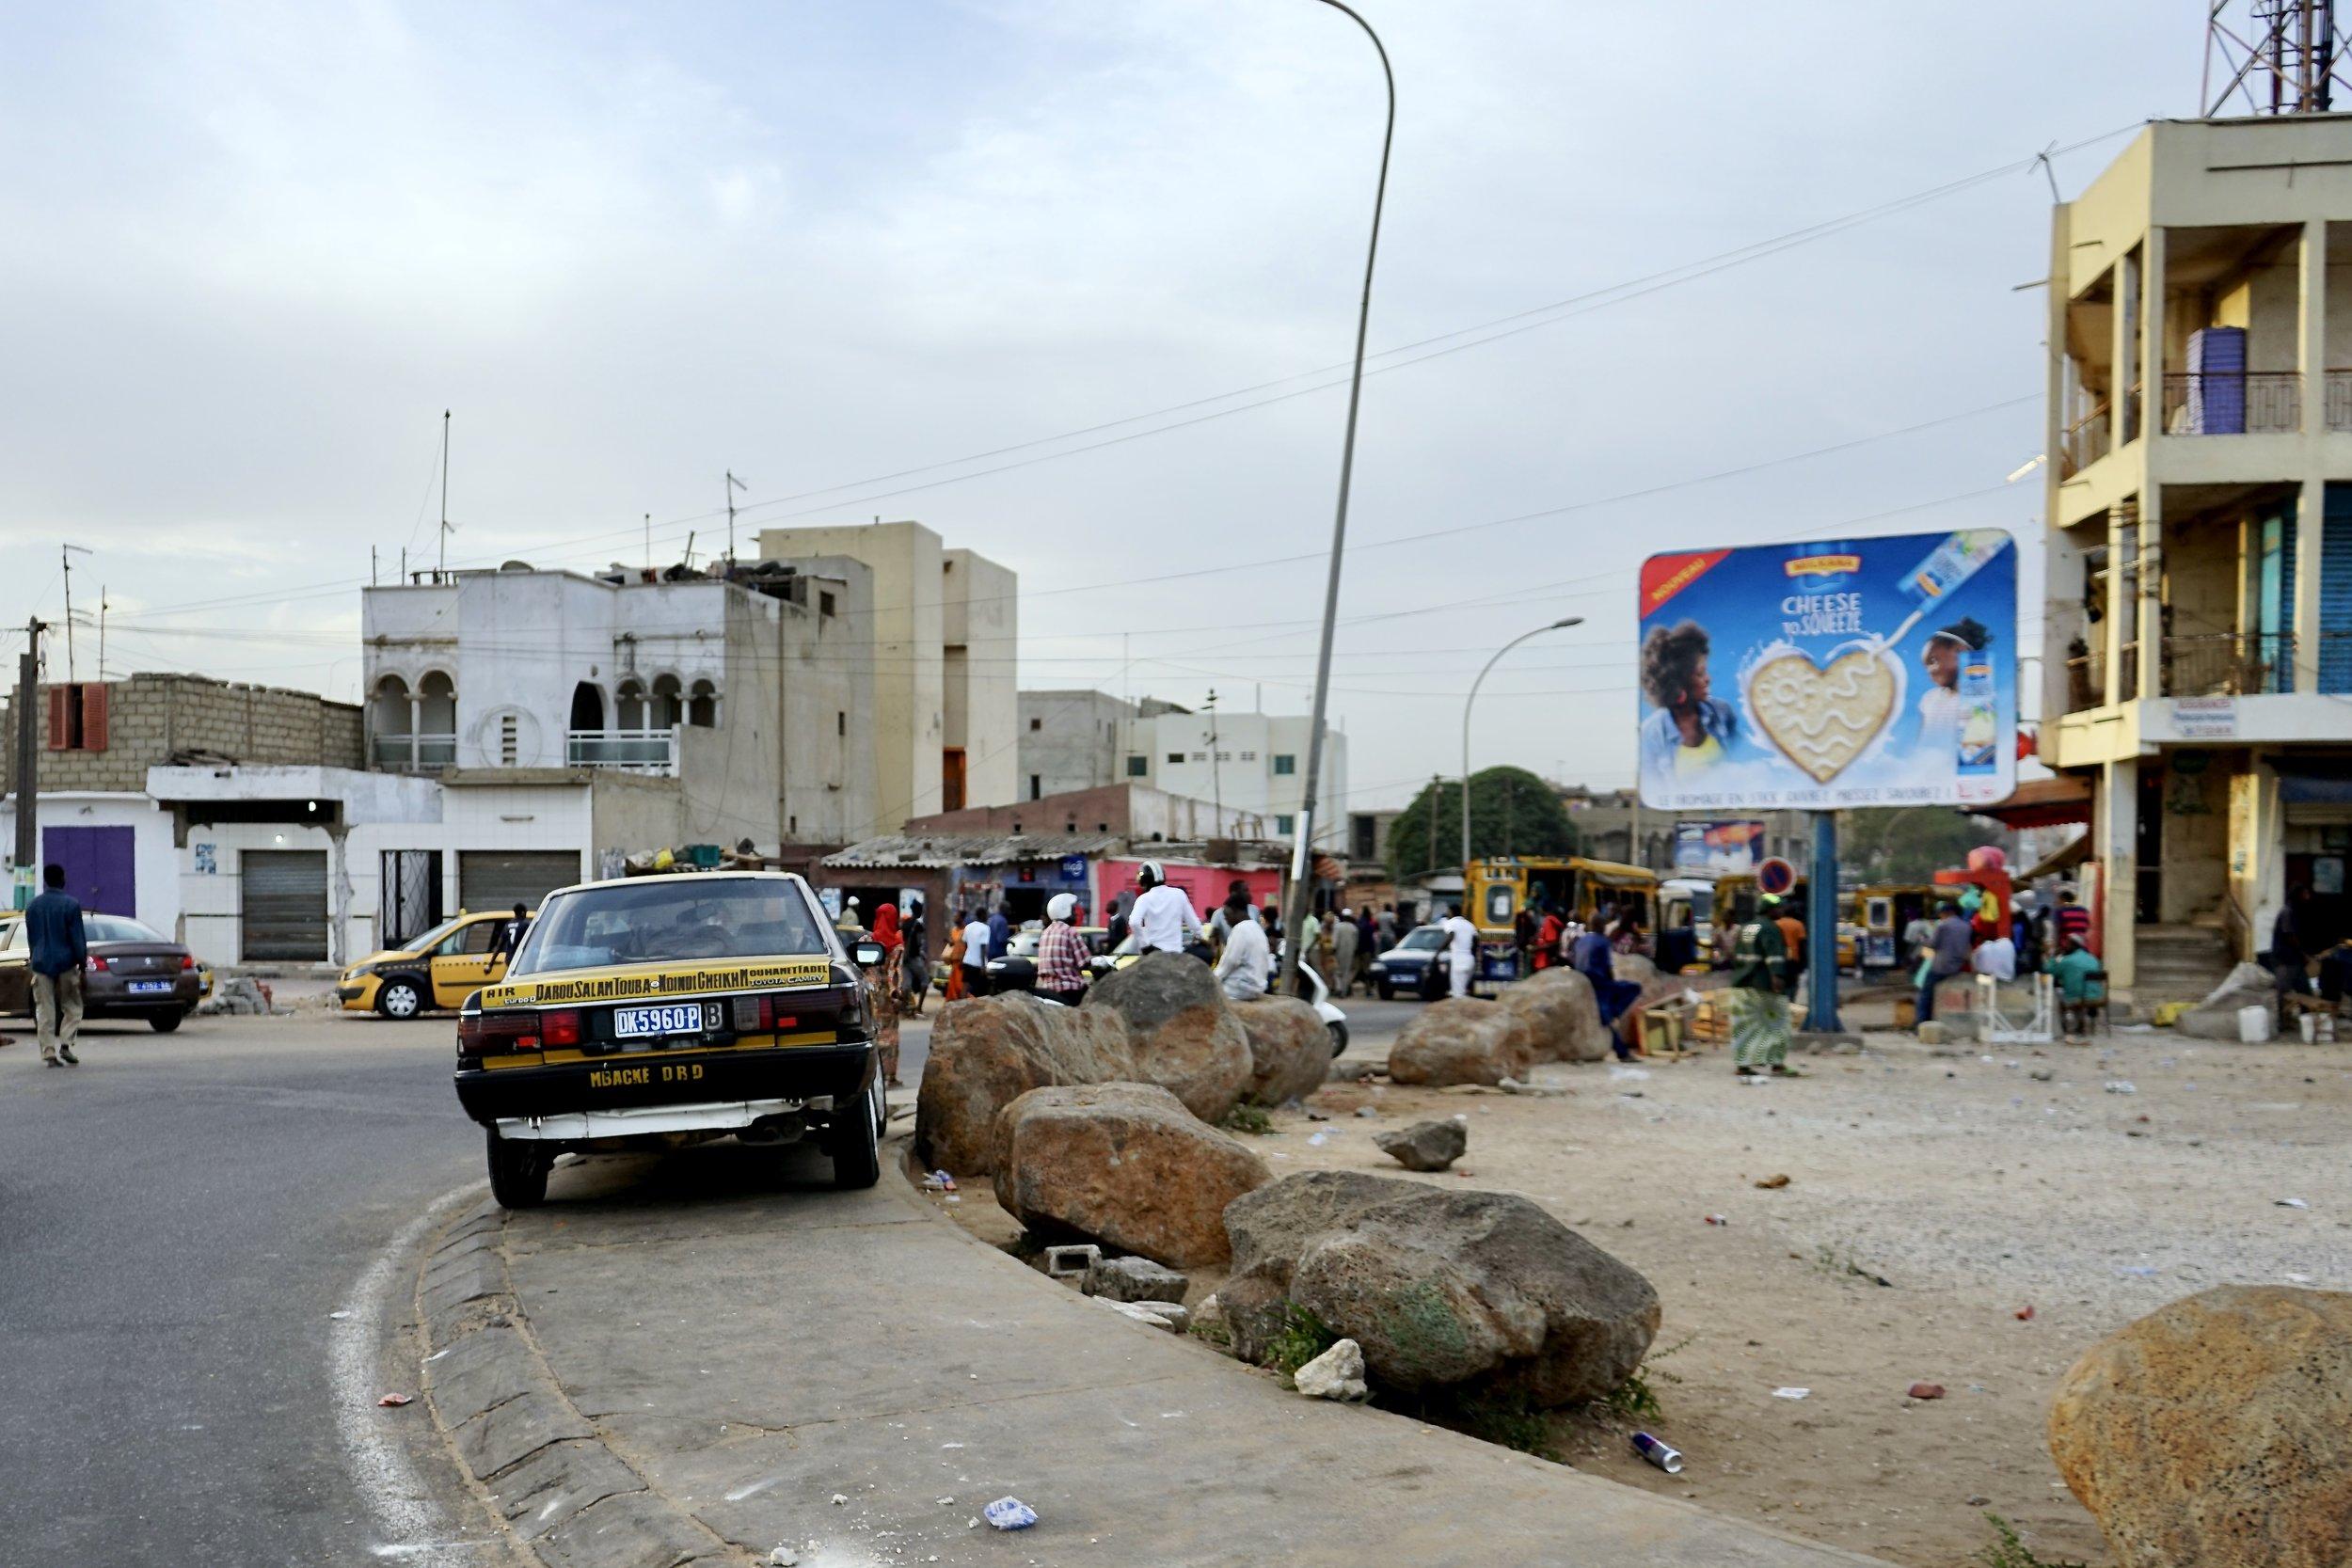 Una strada di Dakar, Senegal.